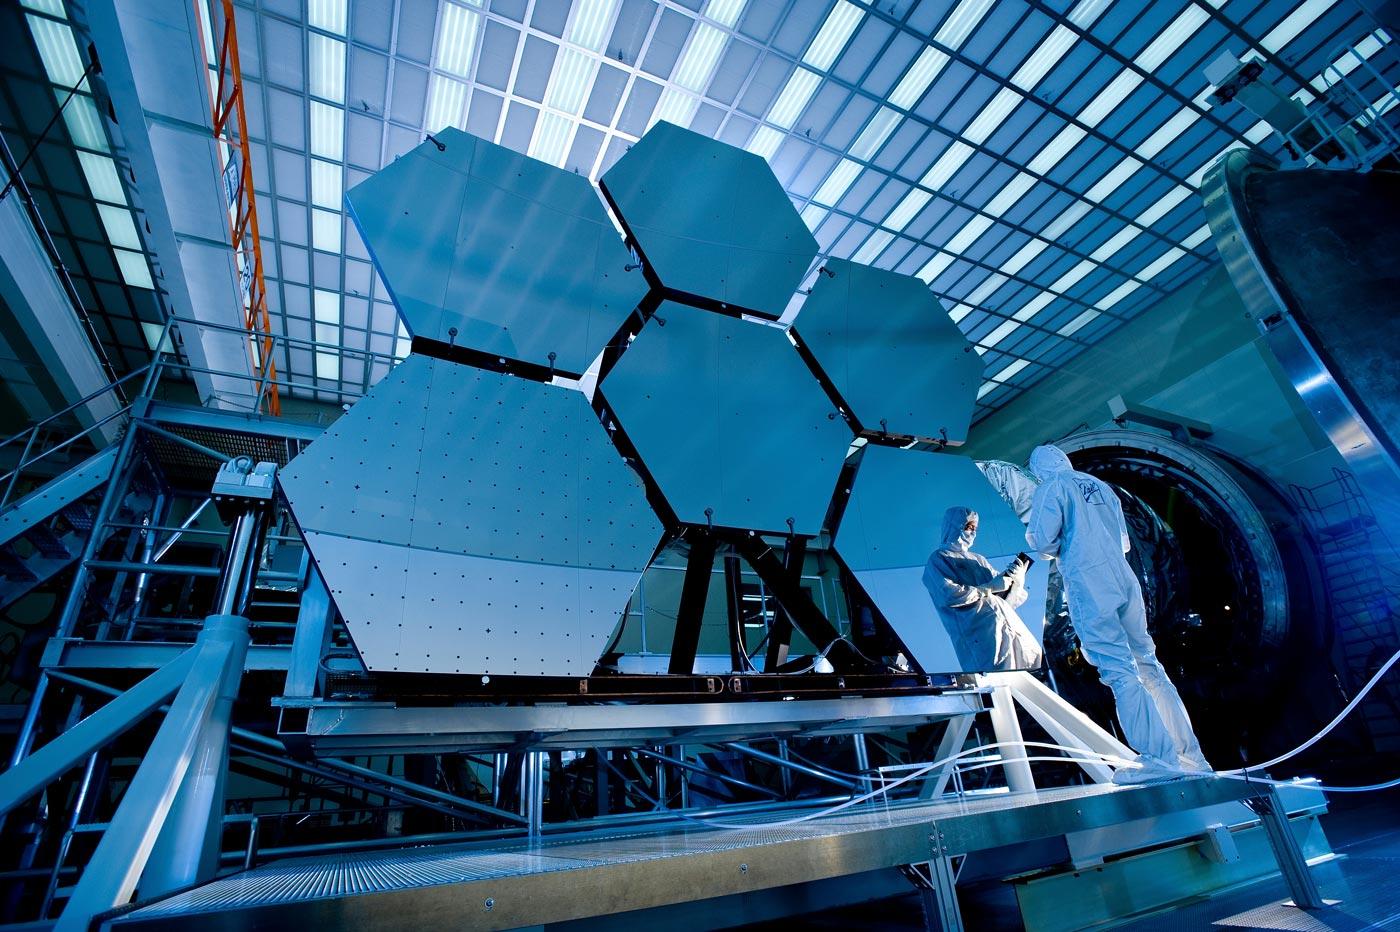 La Nasa ha cominciato a testare il telescopio più grande del mondo